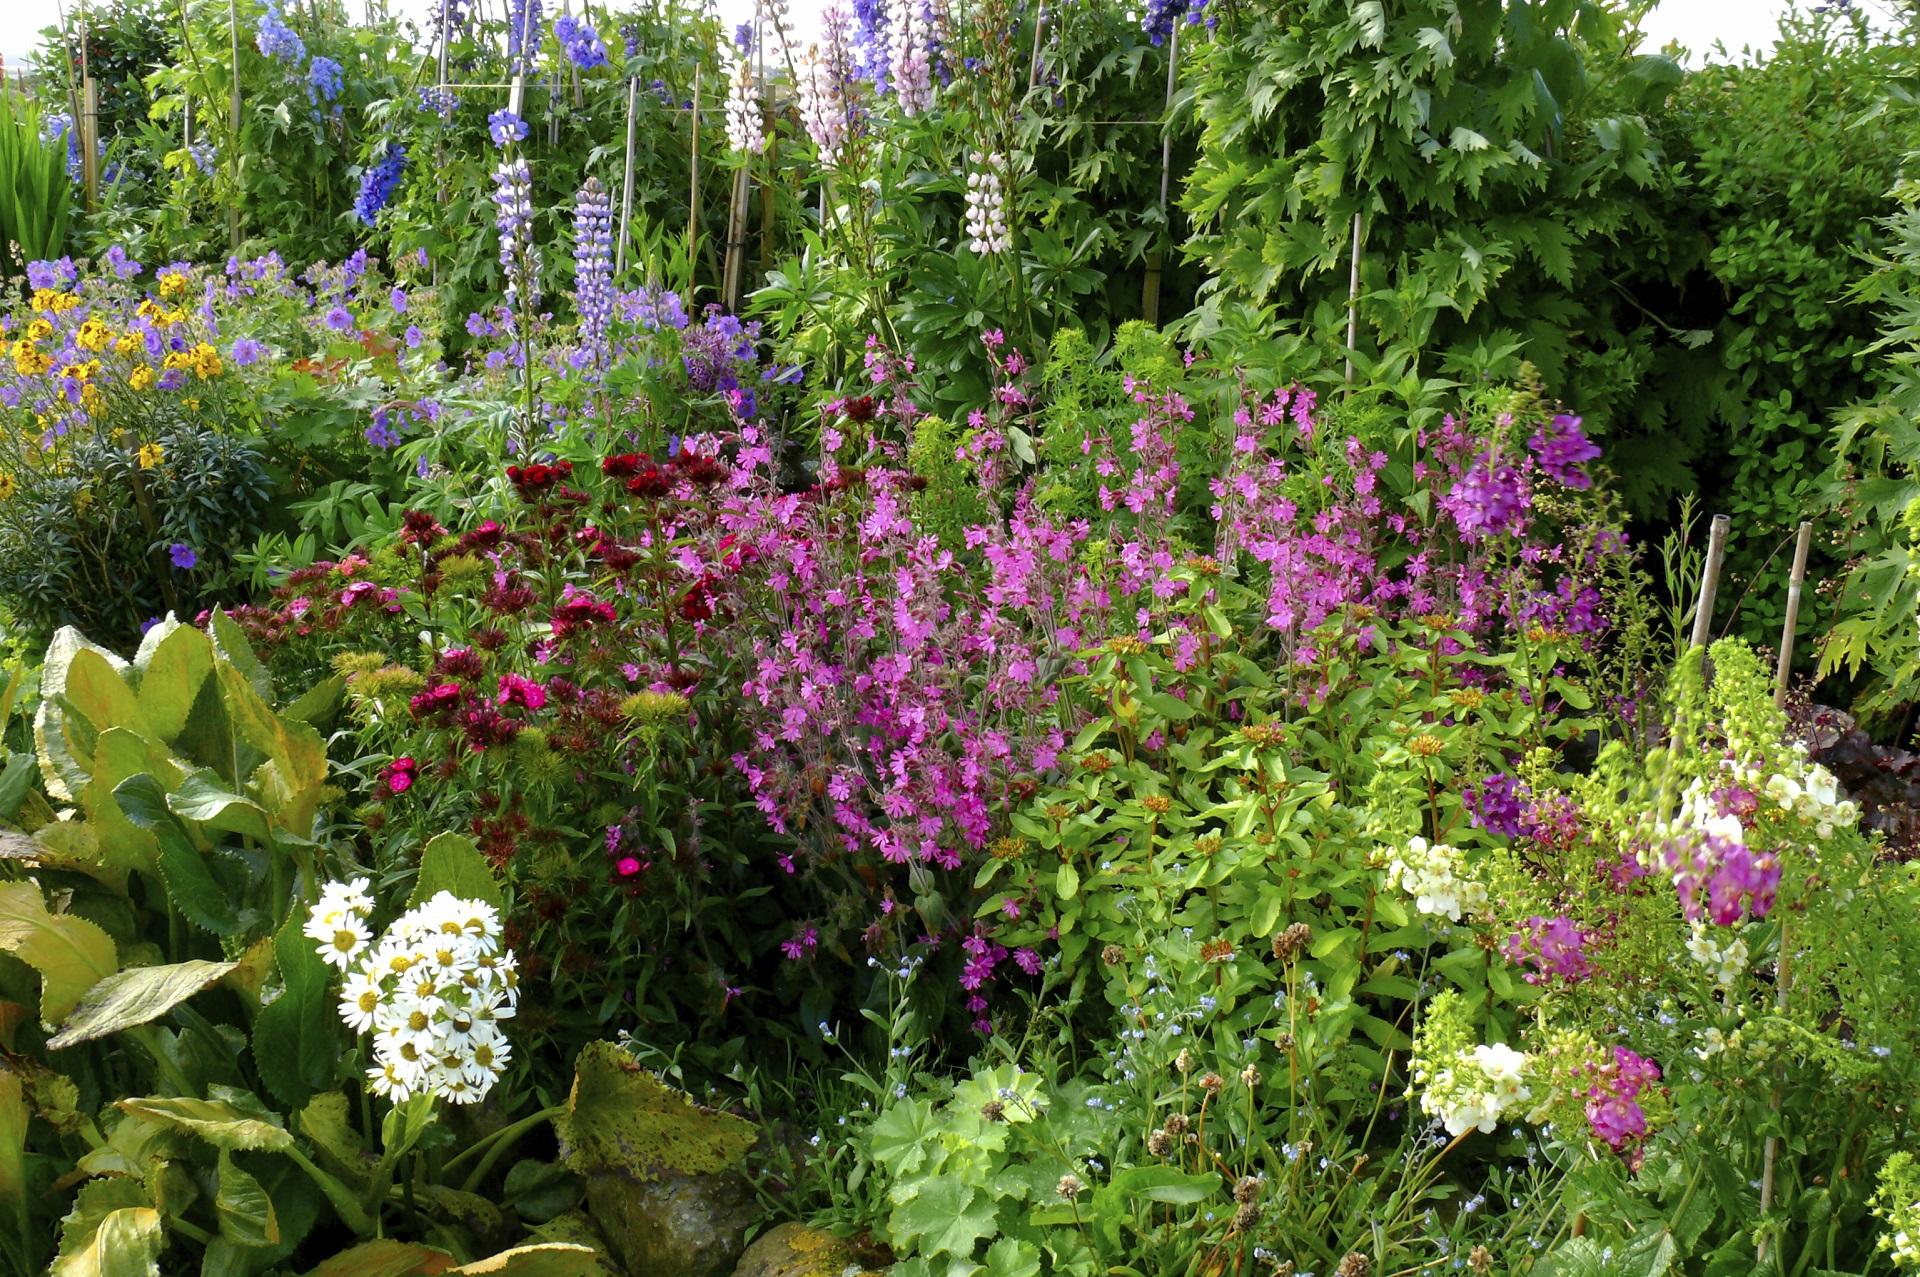 Creating A Quaint Cottage Garden